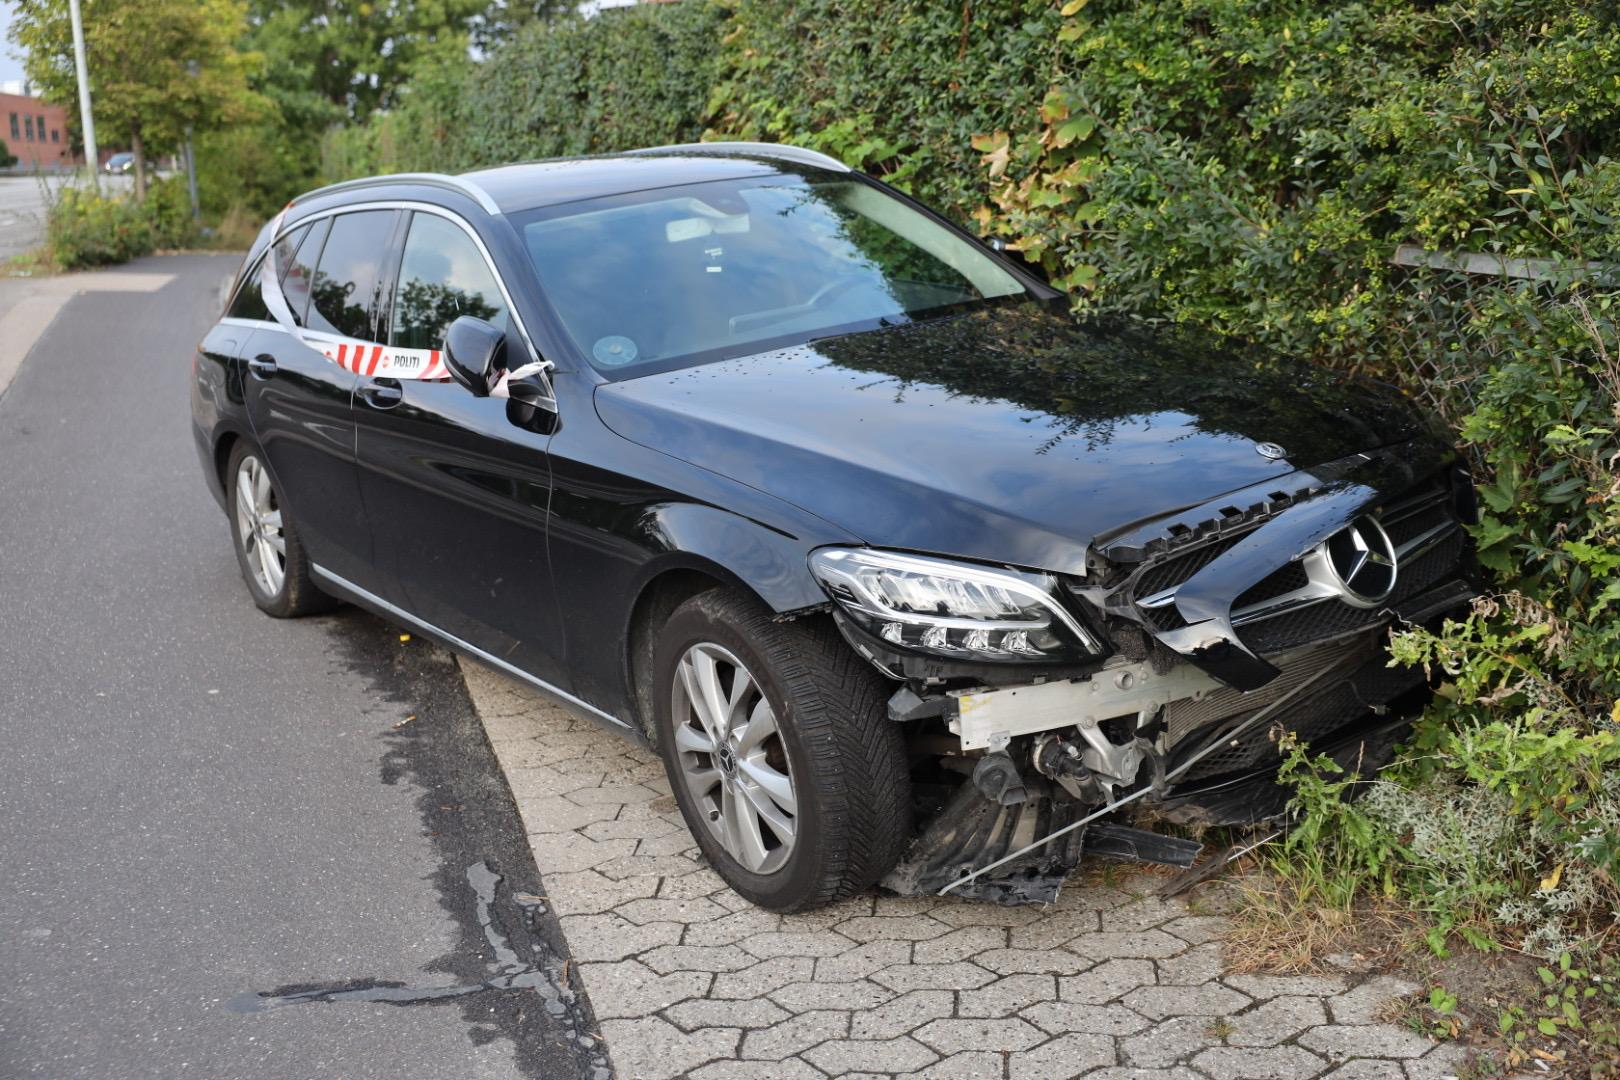 Ny Mercedes i uheld i Ballerup - påkørte skilt og derefter en hæk